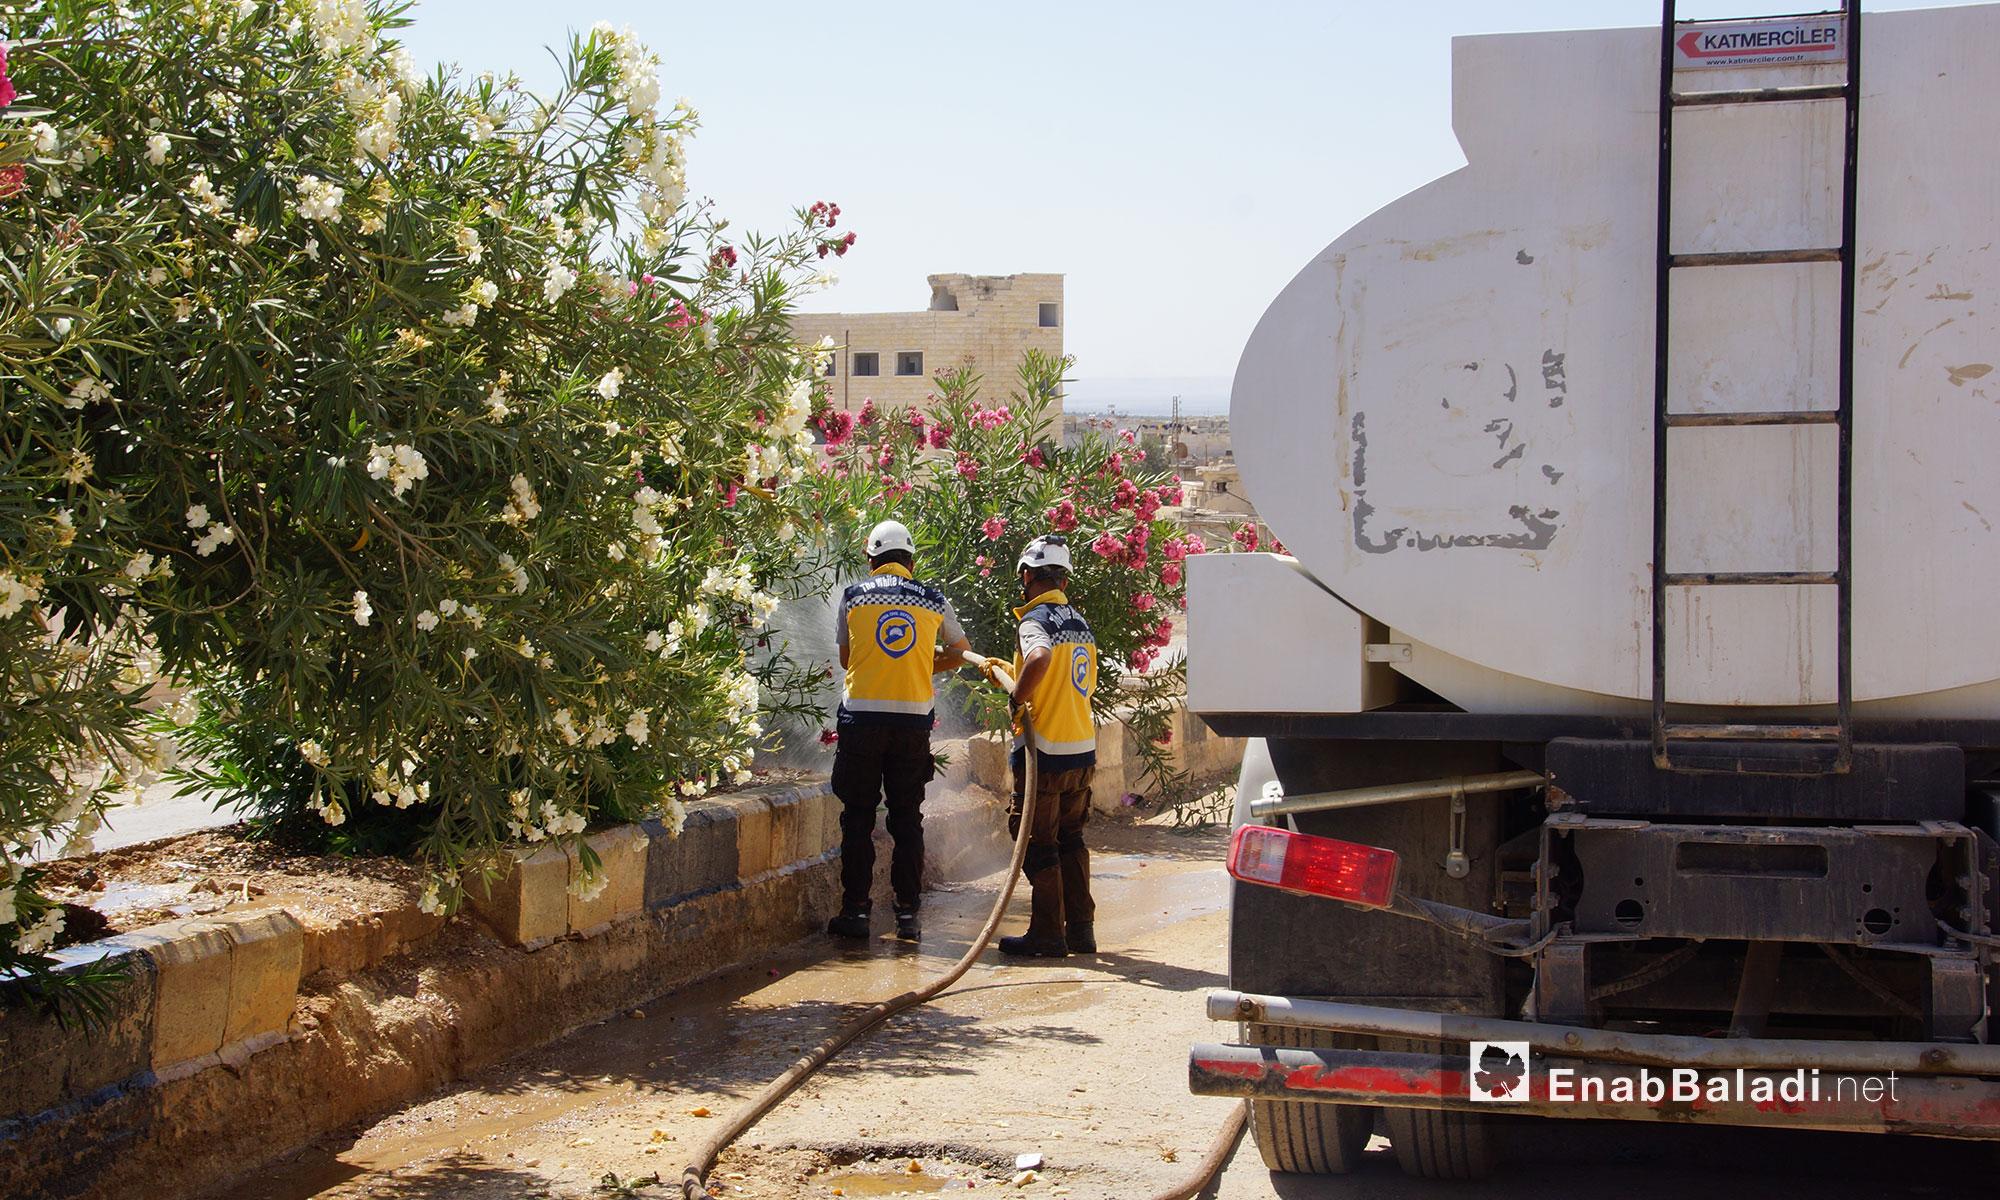 """عناصر من الدفاع المدني يقومون بعملية تنظيف للطرقات ضمن حملة """"إحياء الأرض"""" في مدينة مورك بريف حماة - 7 تموز 2018 (عنب بلدي)"""